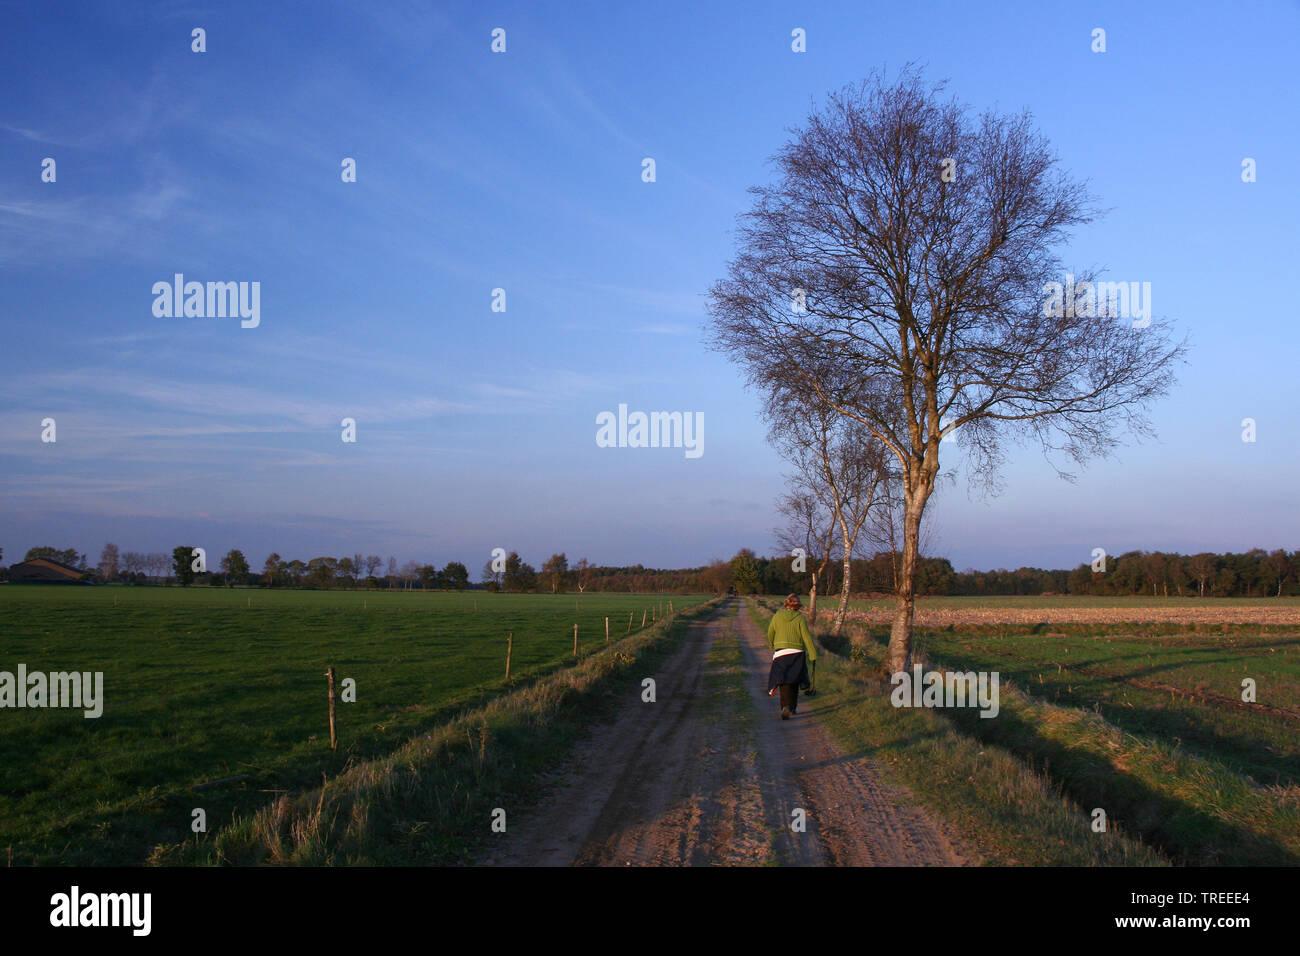 Region Duc de Brabant, Niederlande | region Duc de Brabant, Netherlands | BLWS524335.jpg [ (c) blickwinkel/AGAMI/B. Haasnoot Tel. +49 (0)2302-2793220, - Stock Image